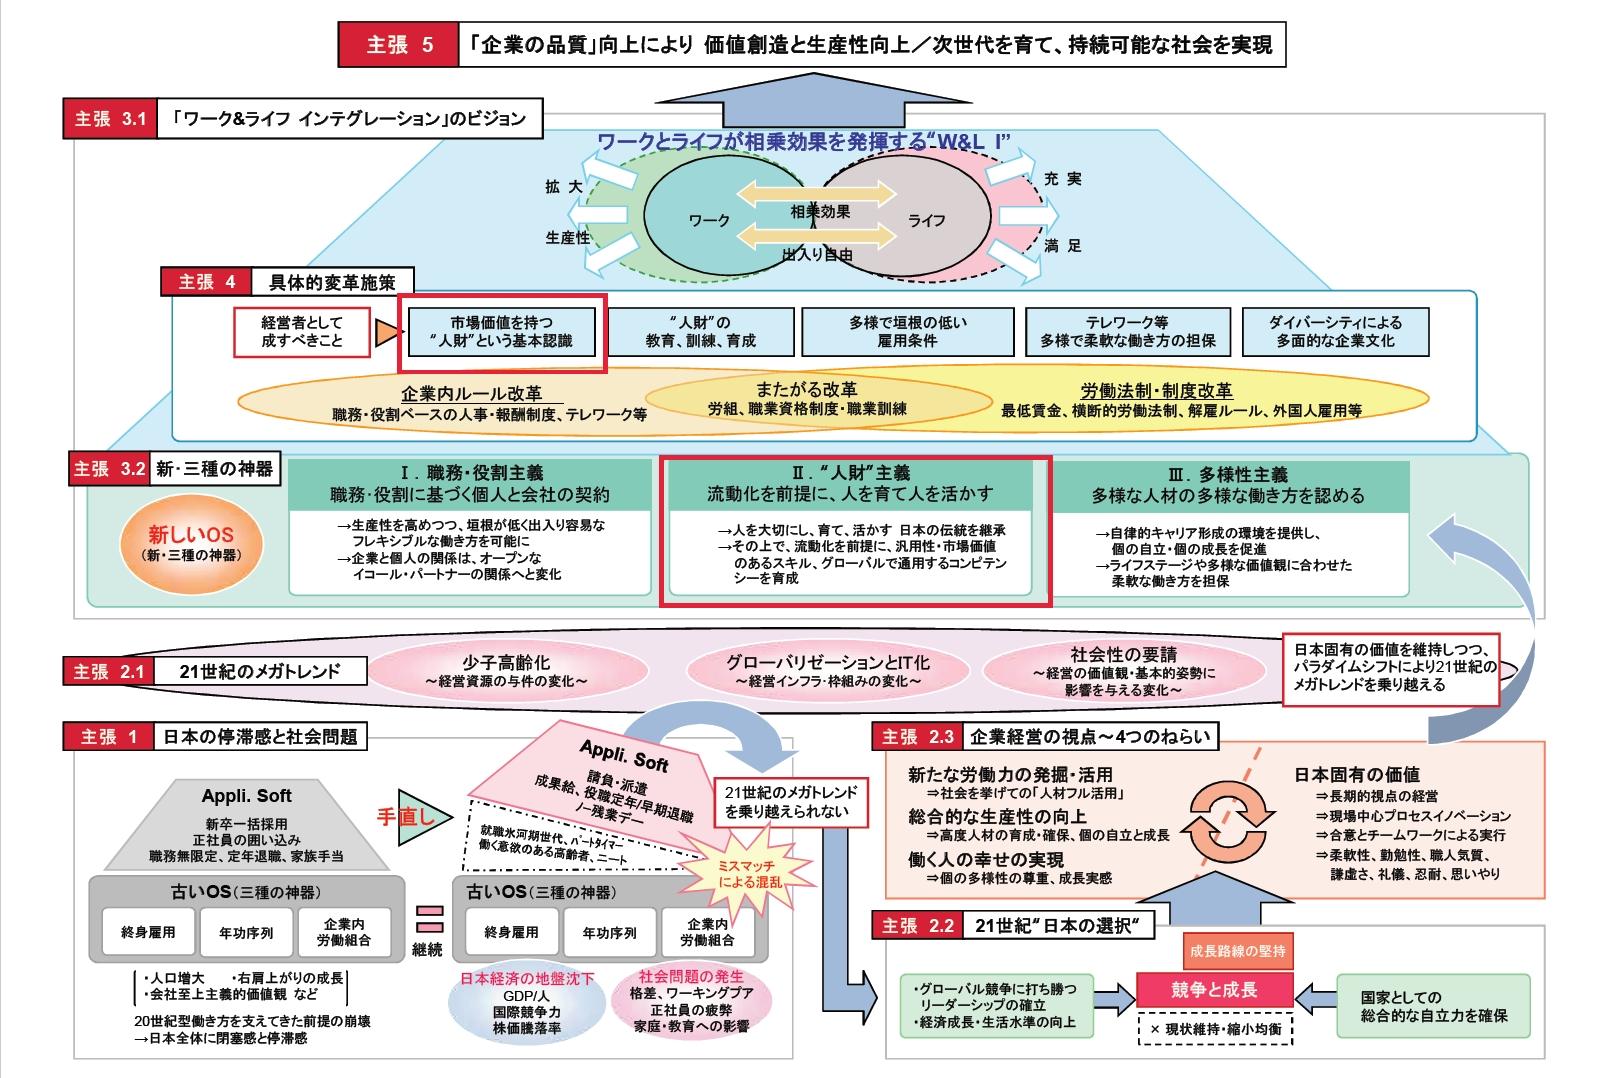 """ワークライフ・インテグレーションの概念図。2008年5月に経済同友会が発表した『21世紀の新しい働き方 """"ワーク&ライフ インテグレーション""""を目指して』にて示された。"""